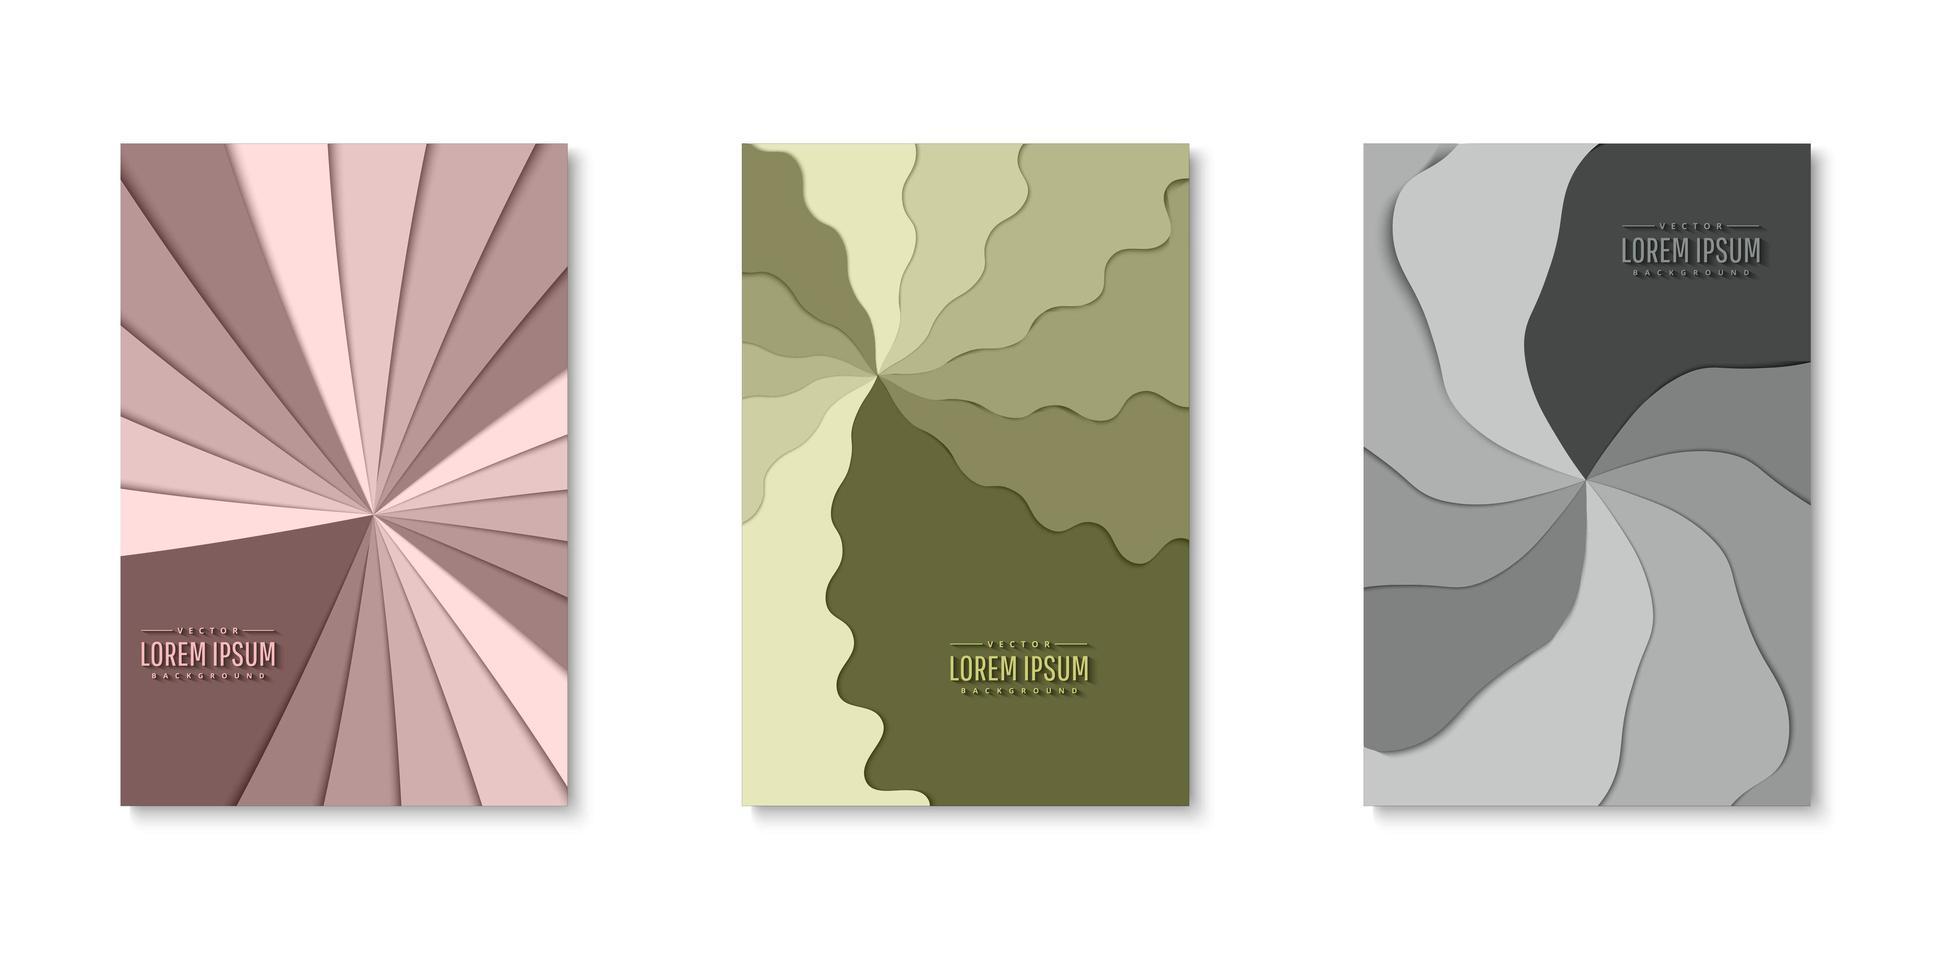 set pinwheel lagen papier gesneden covers vector